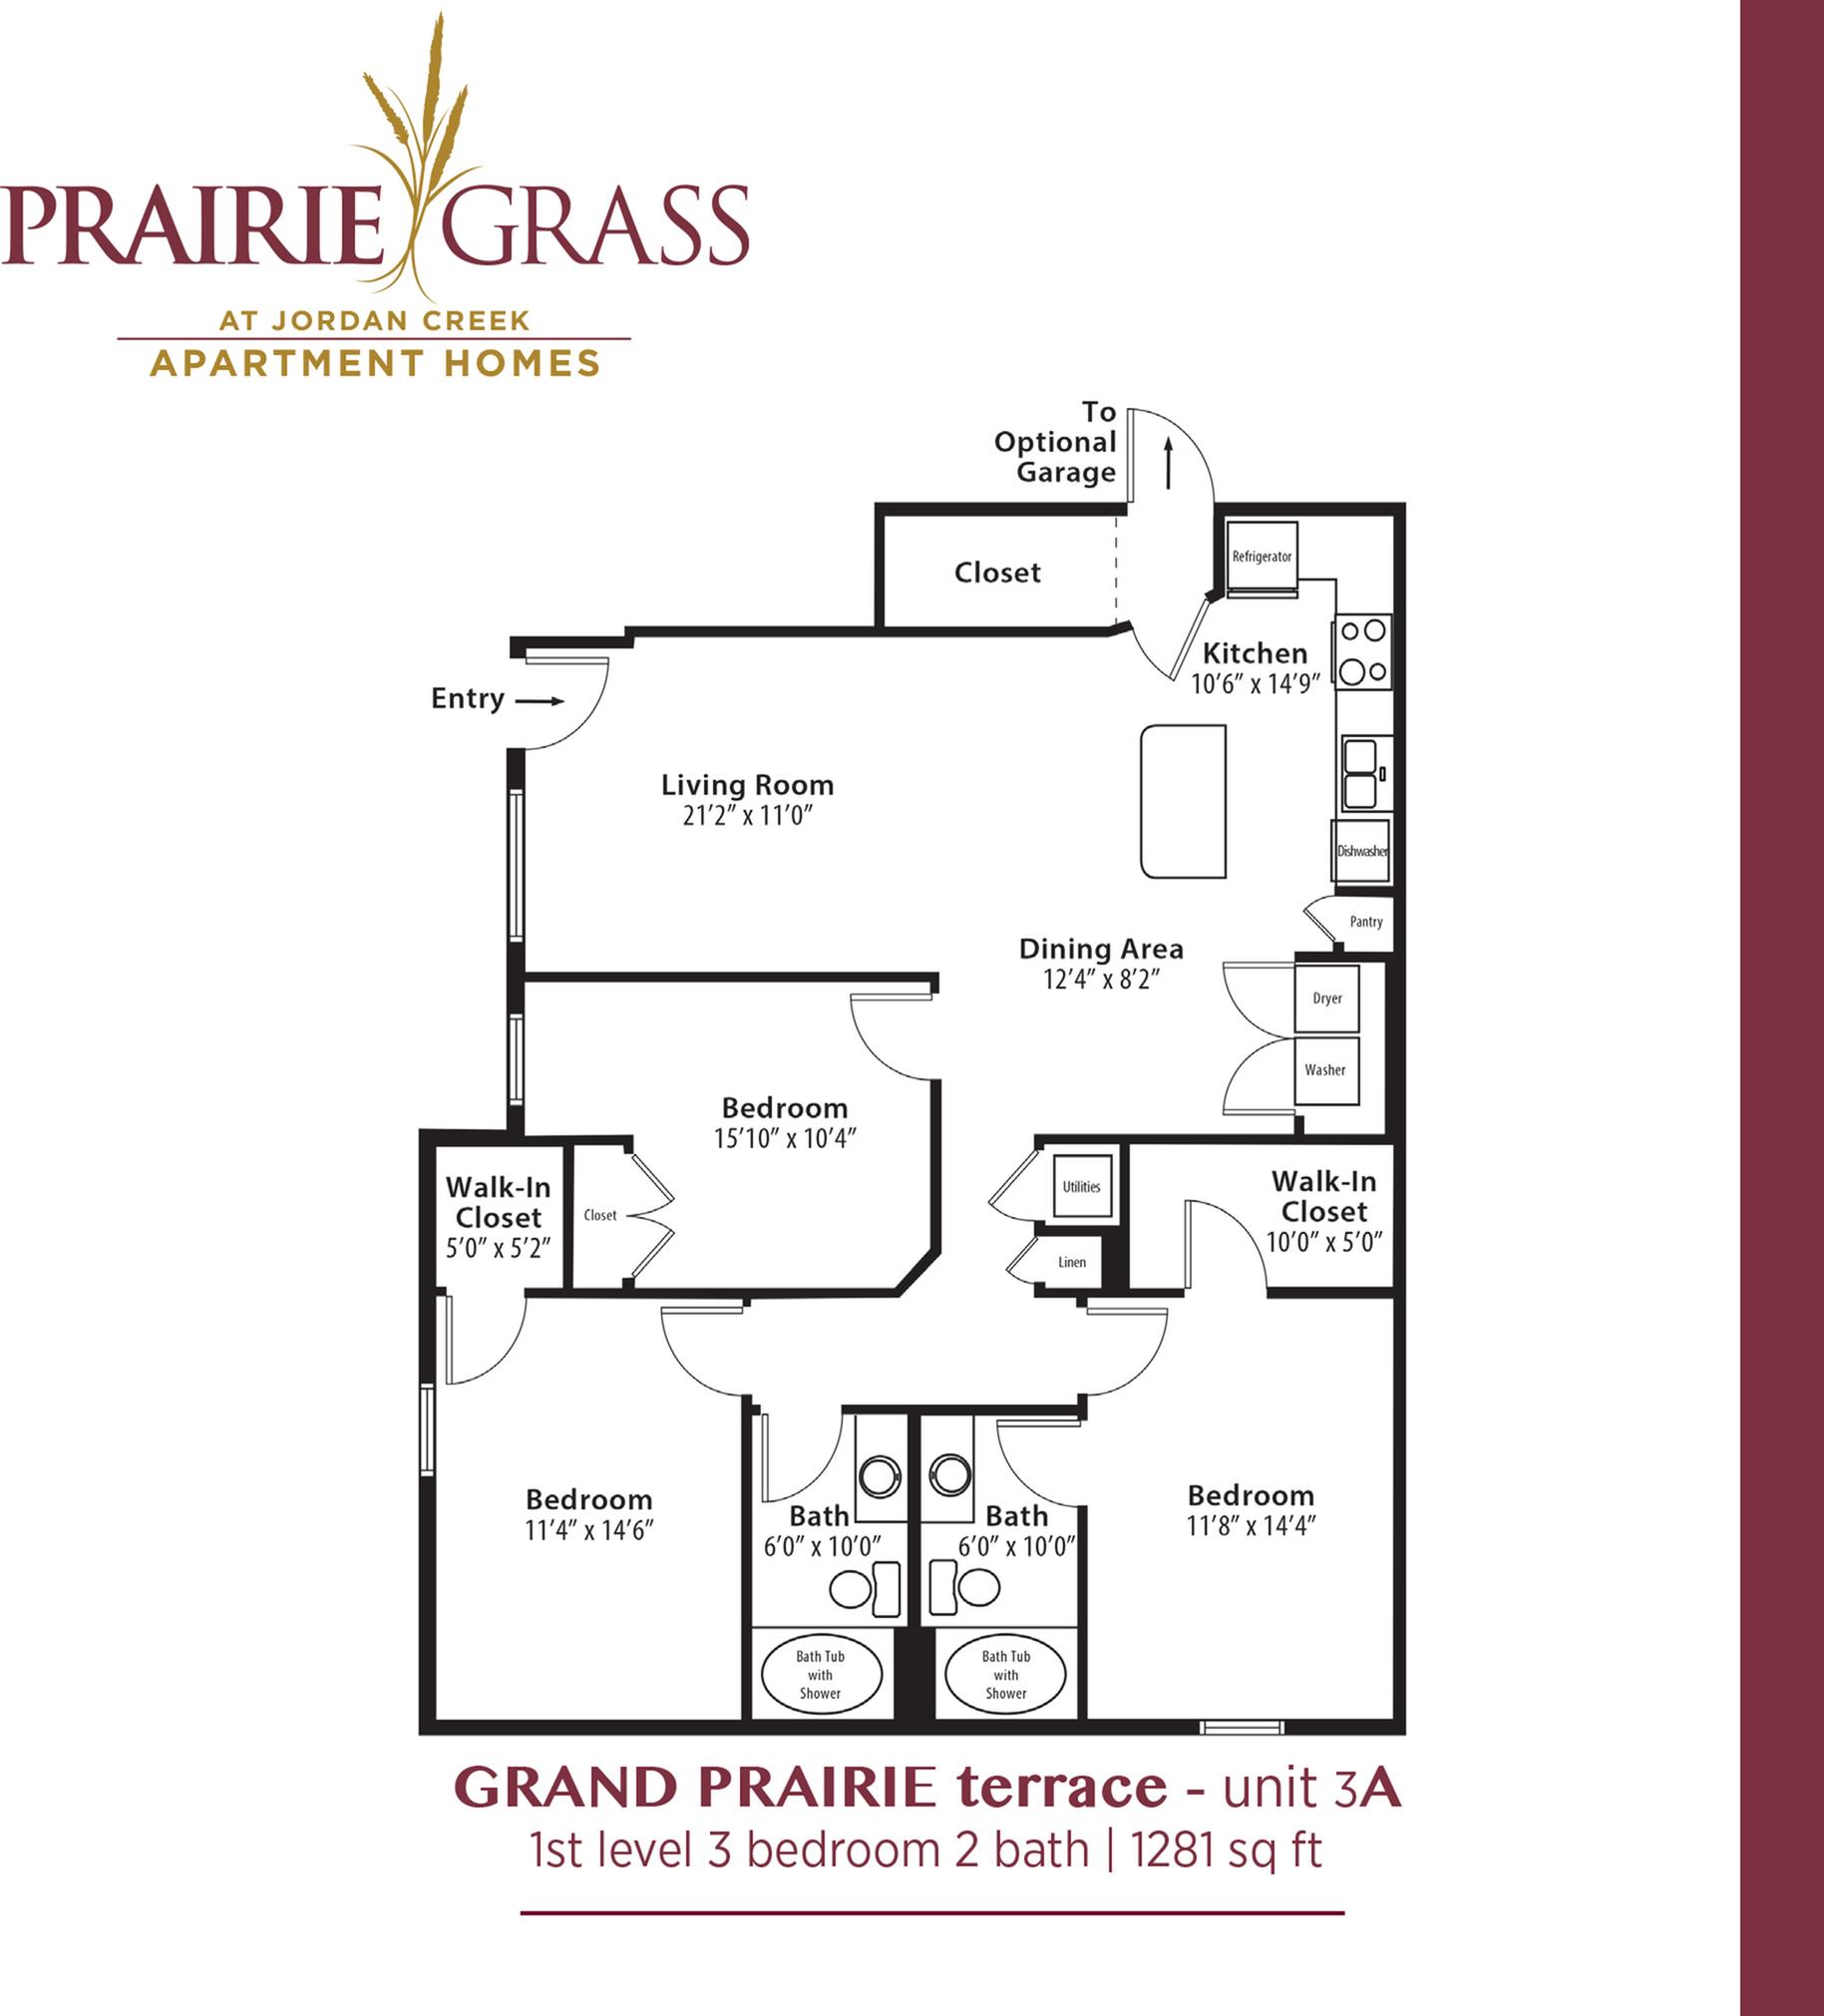 GrandPrairie Terrace - Lower 3 Bedroom